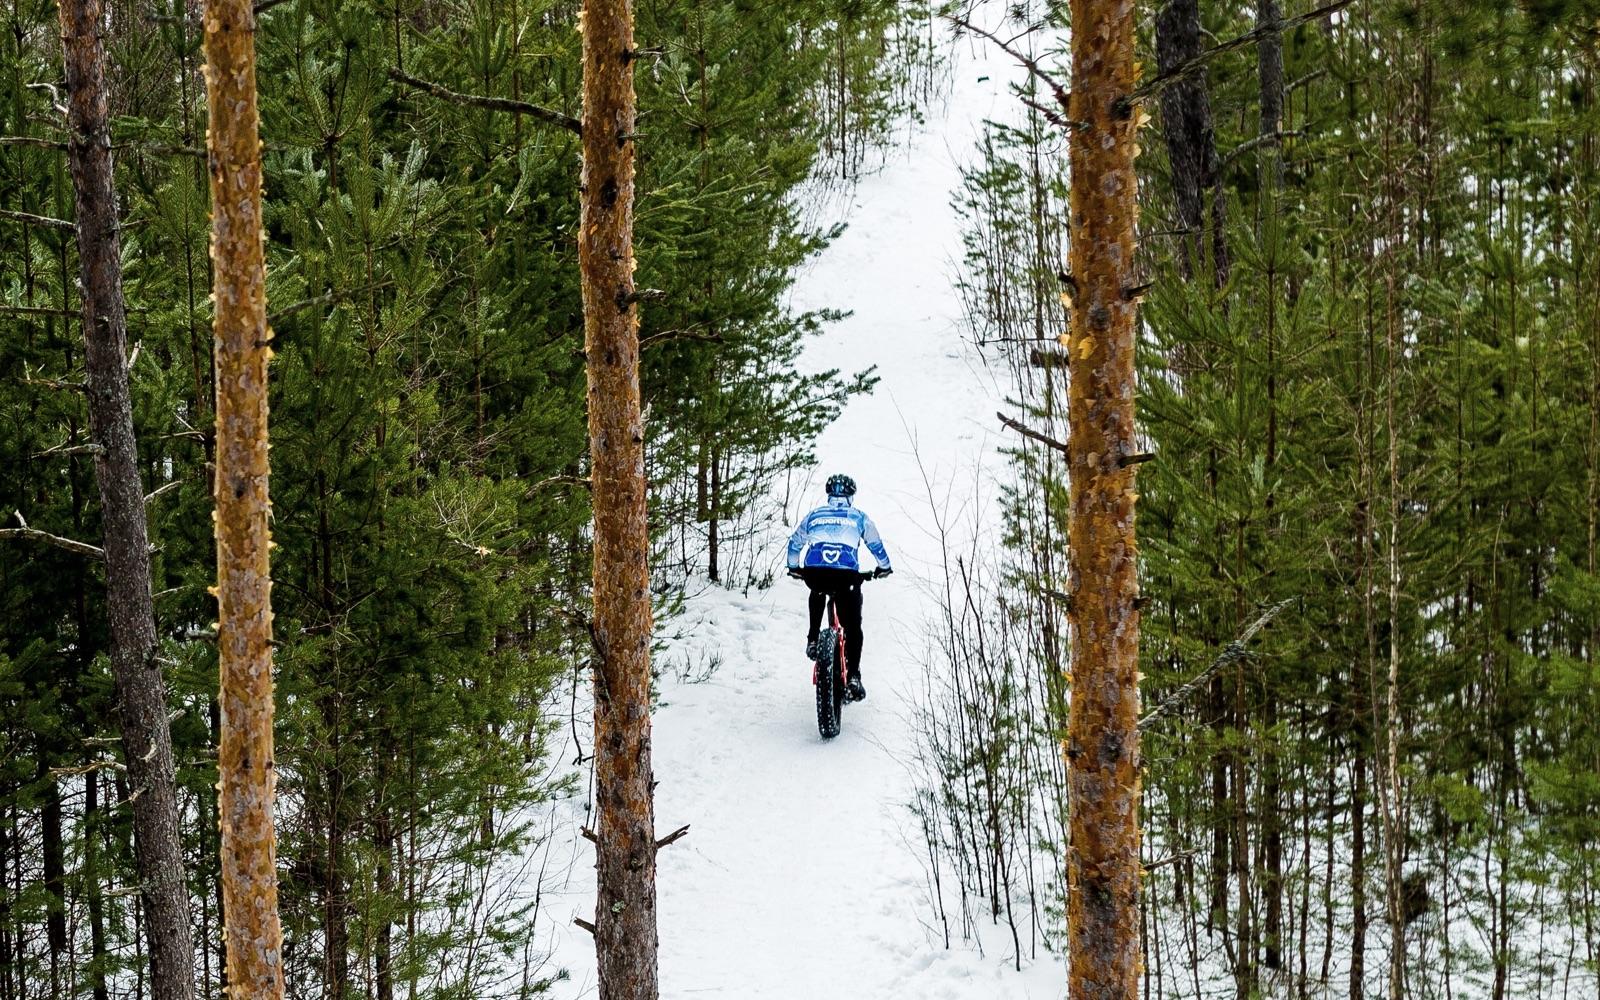 Snowy Ride Through Canada